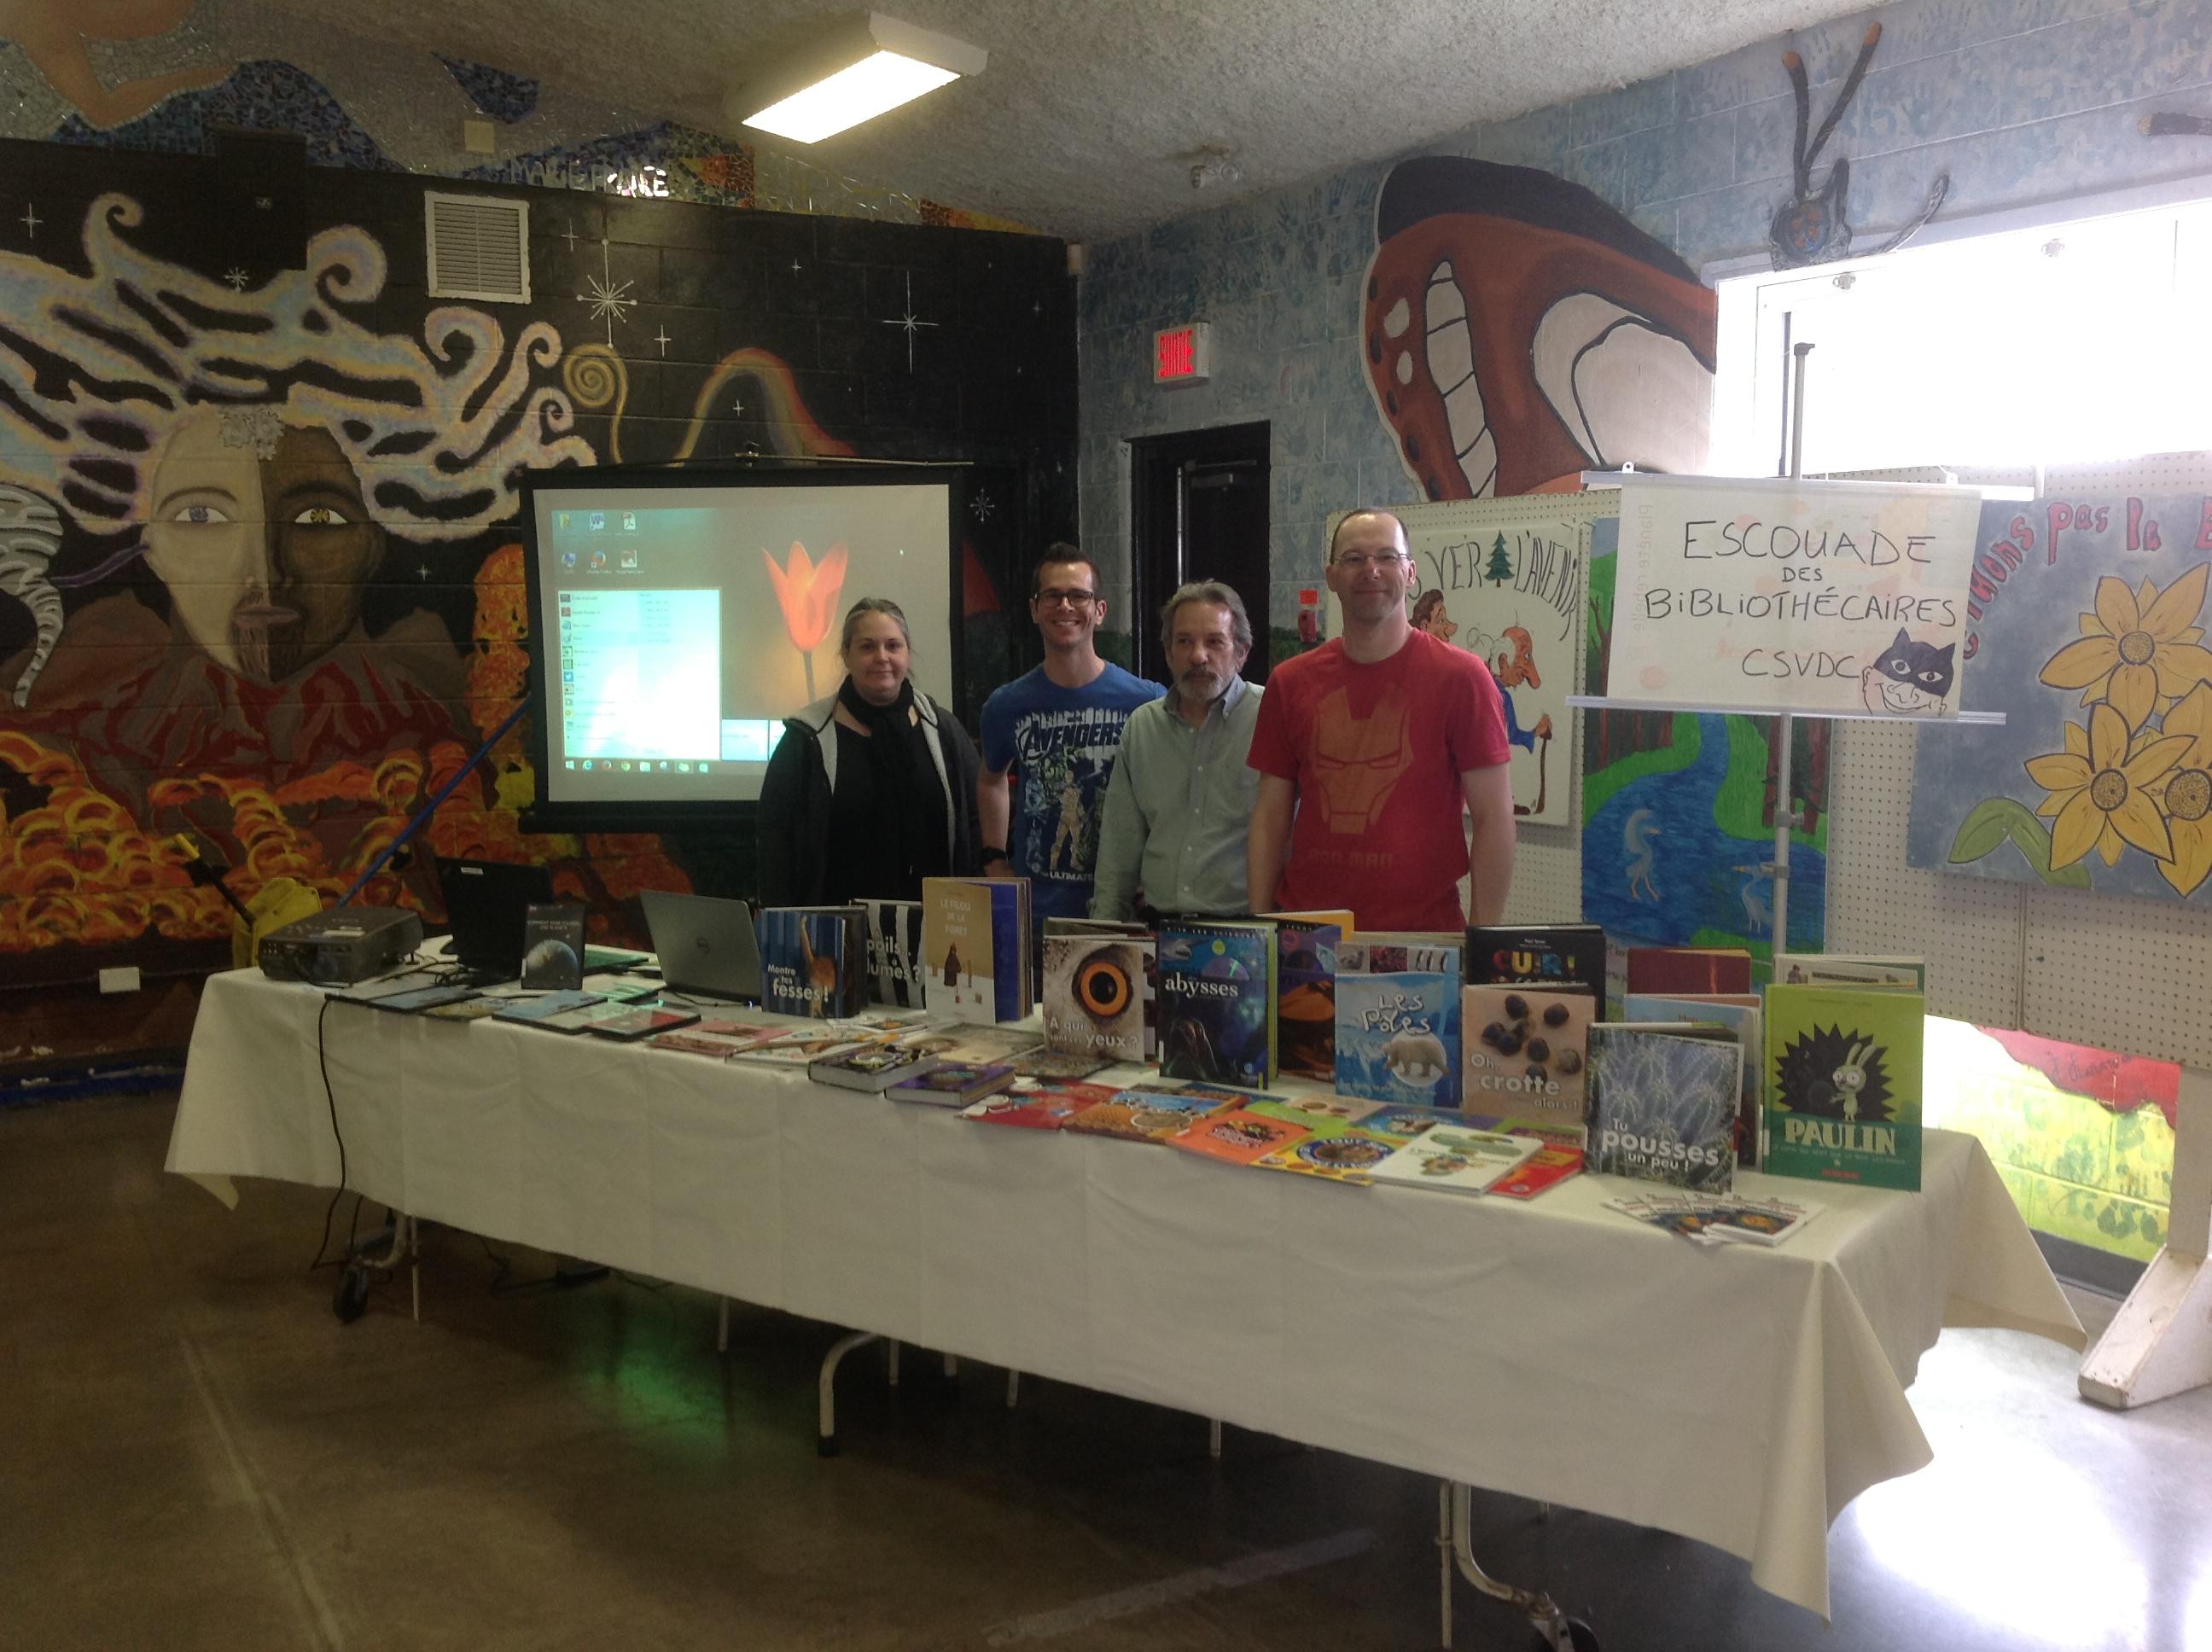 L'Escouade des bibliothécaires célèbre en grand la Journée de la Terre!